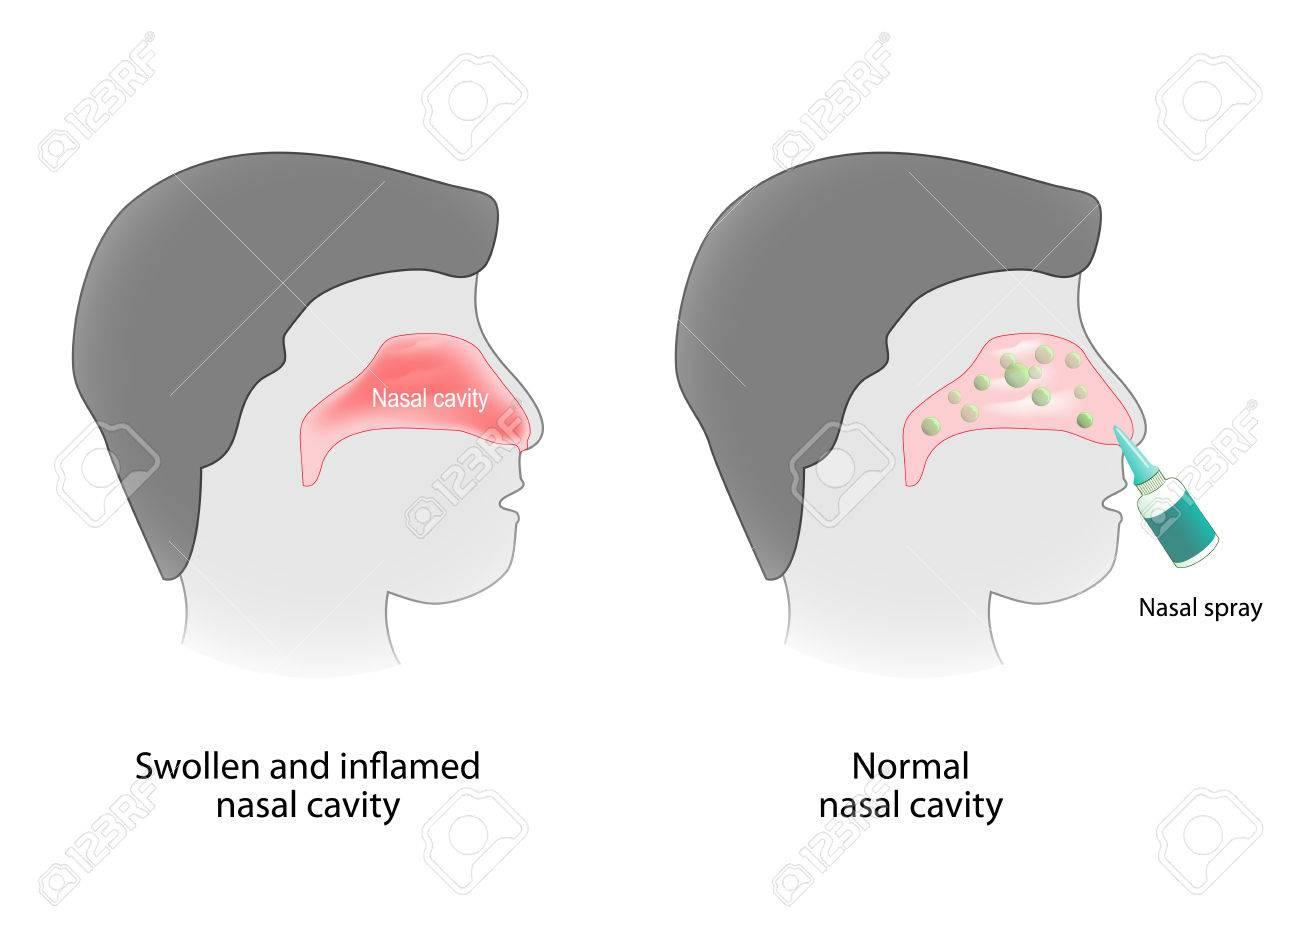 Inflamación De La Cavidad Nasal Y Cavidad Nasal Sanas. Aerosol Nasal ...